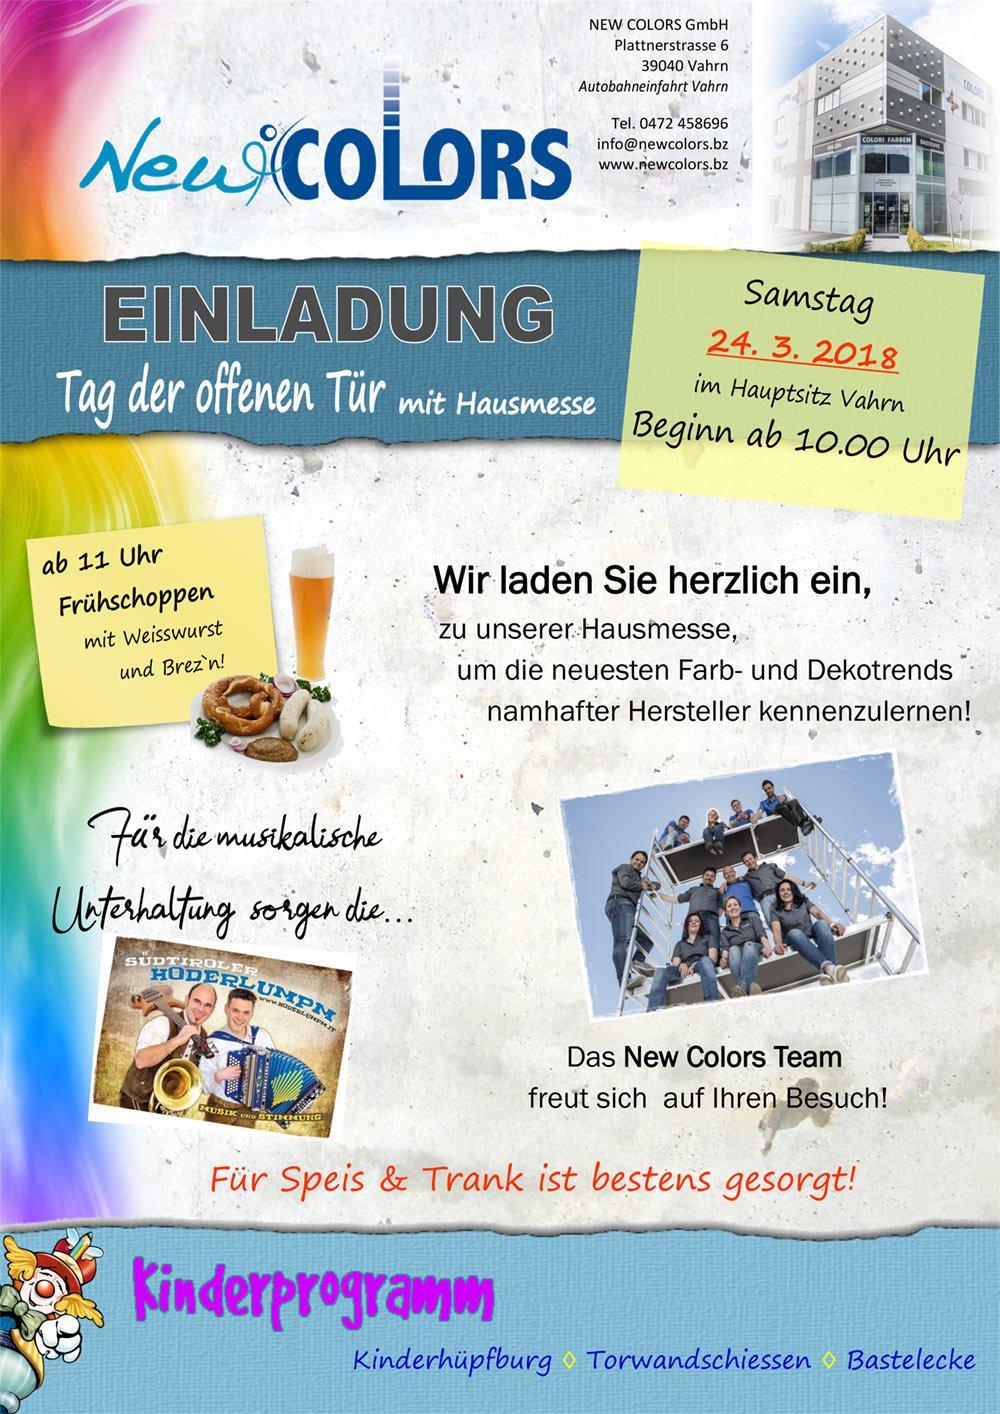 Newcolors Südtirol - Tag der offenen Tür 2018